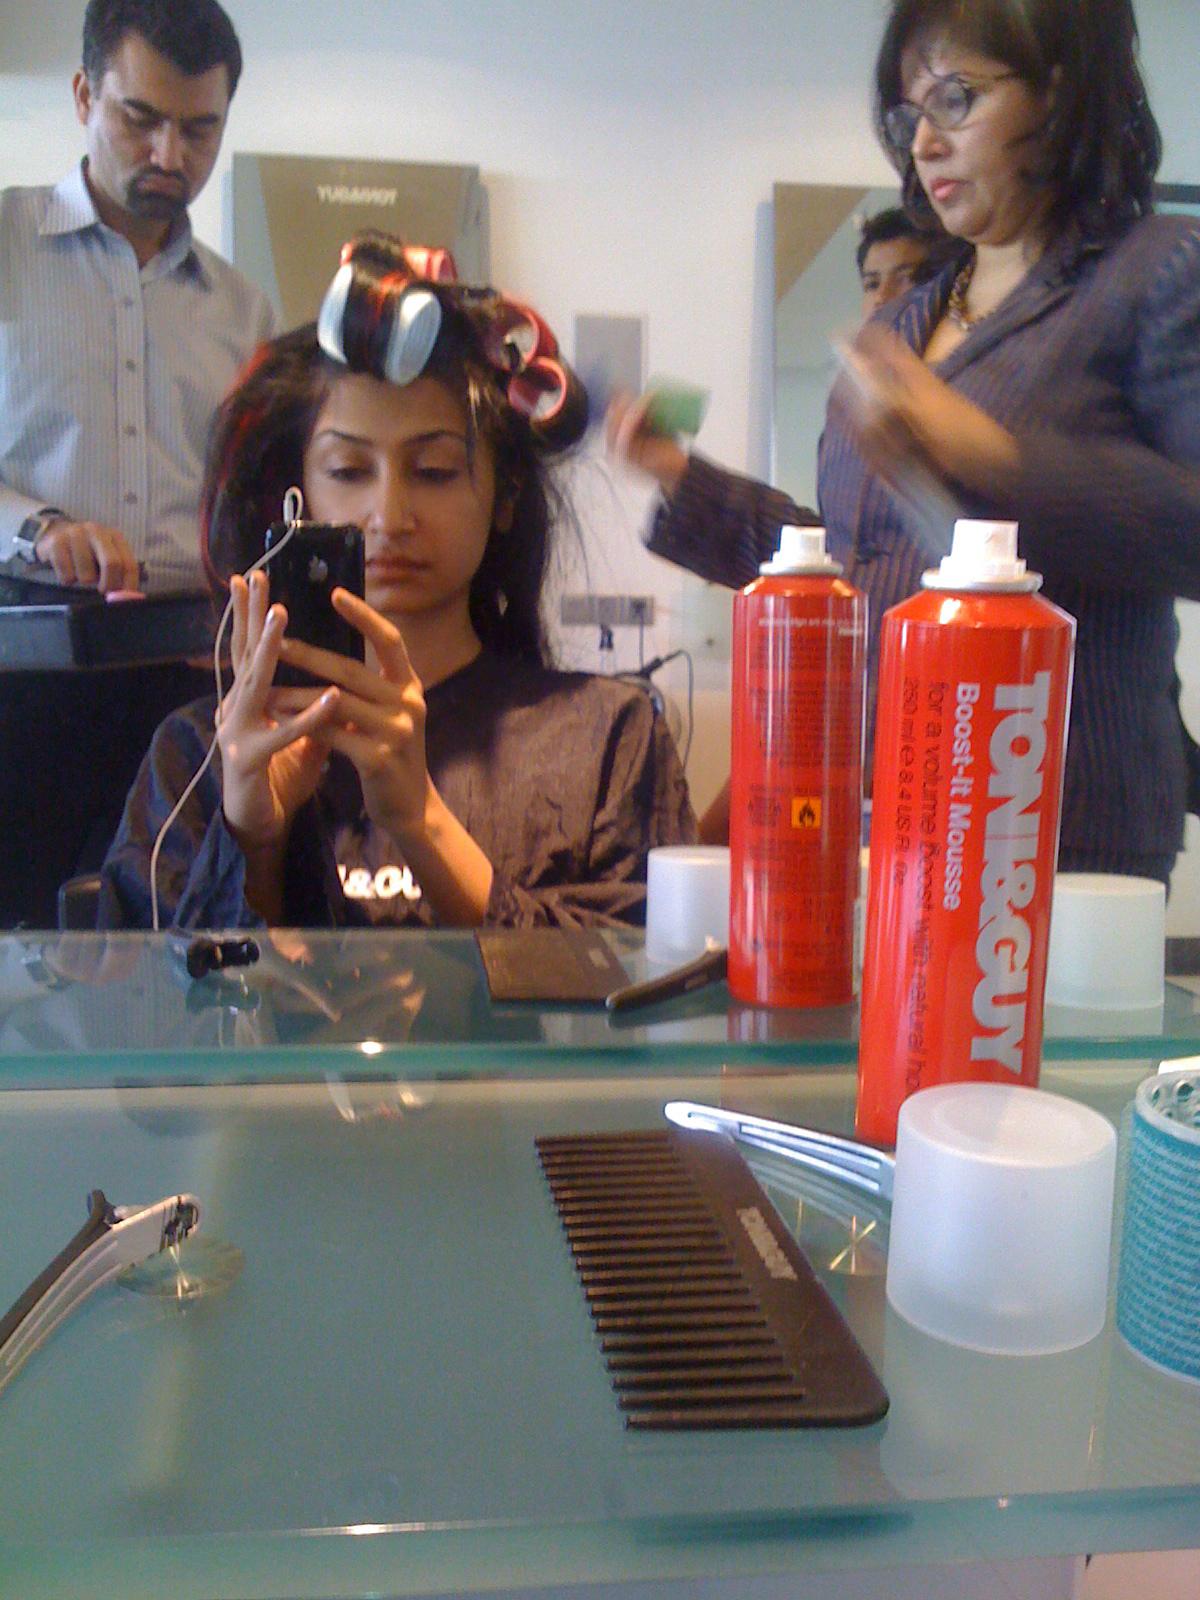 Toni Guy Essensuals Salon Launch In Karachi The Fashioneasta Cut — color — style. toni guy essensuals salon launch in